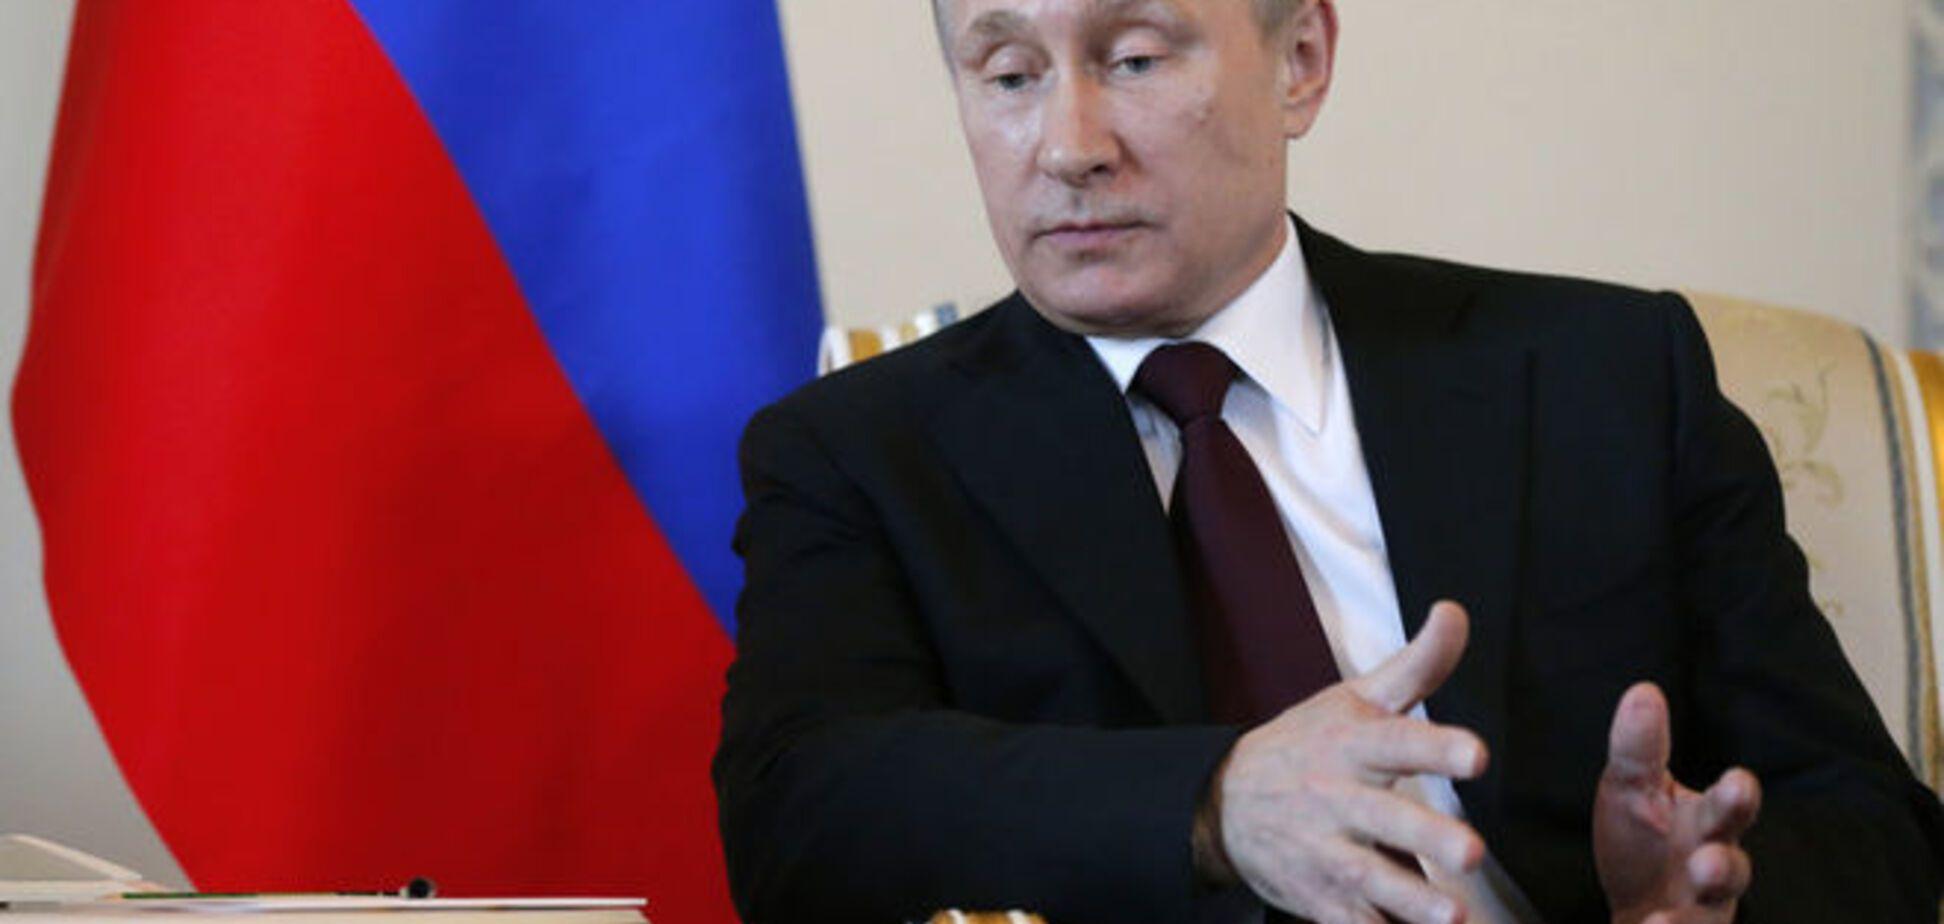 Ганапольский объяснил, почему креативные люди бегут из путинской России